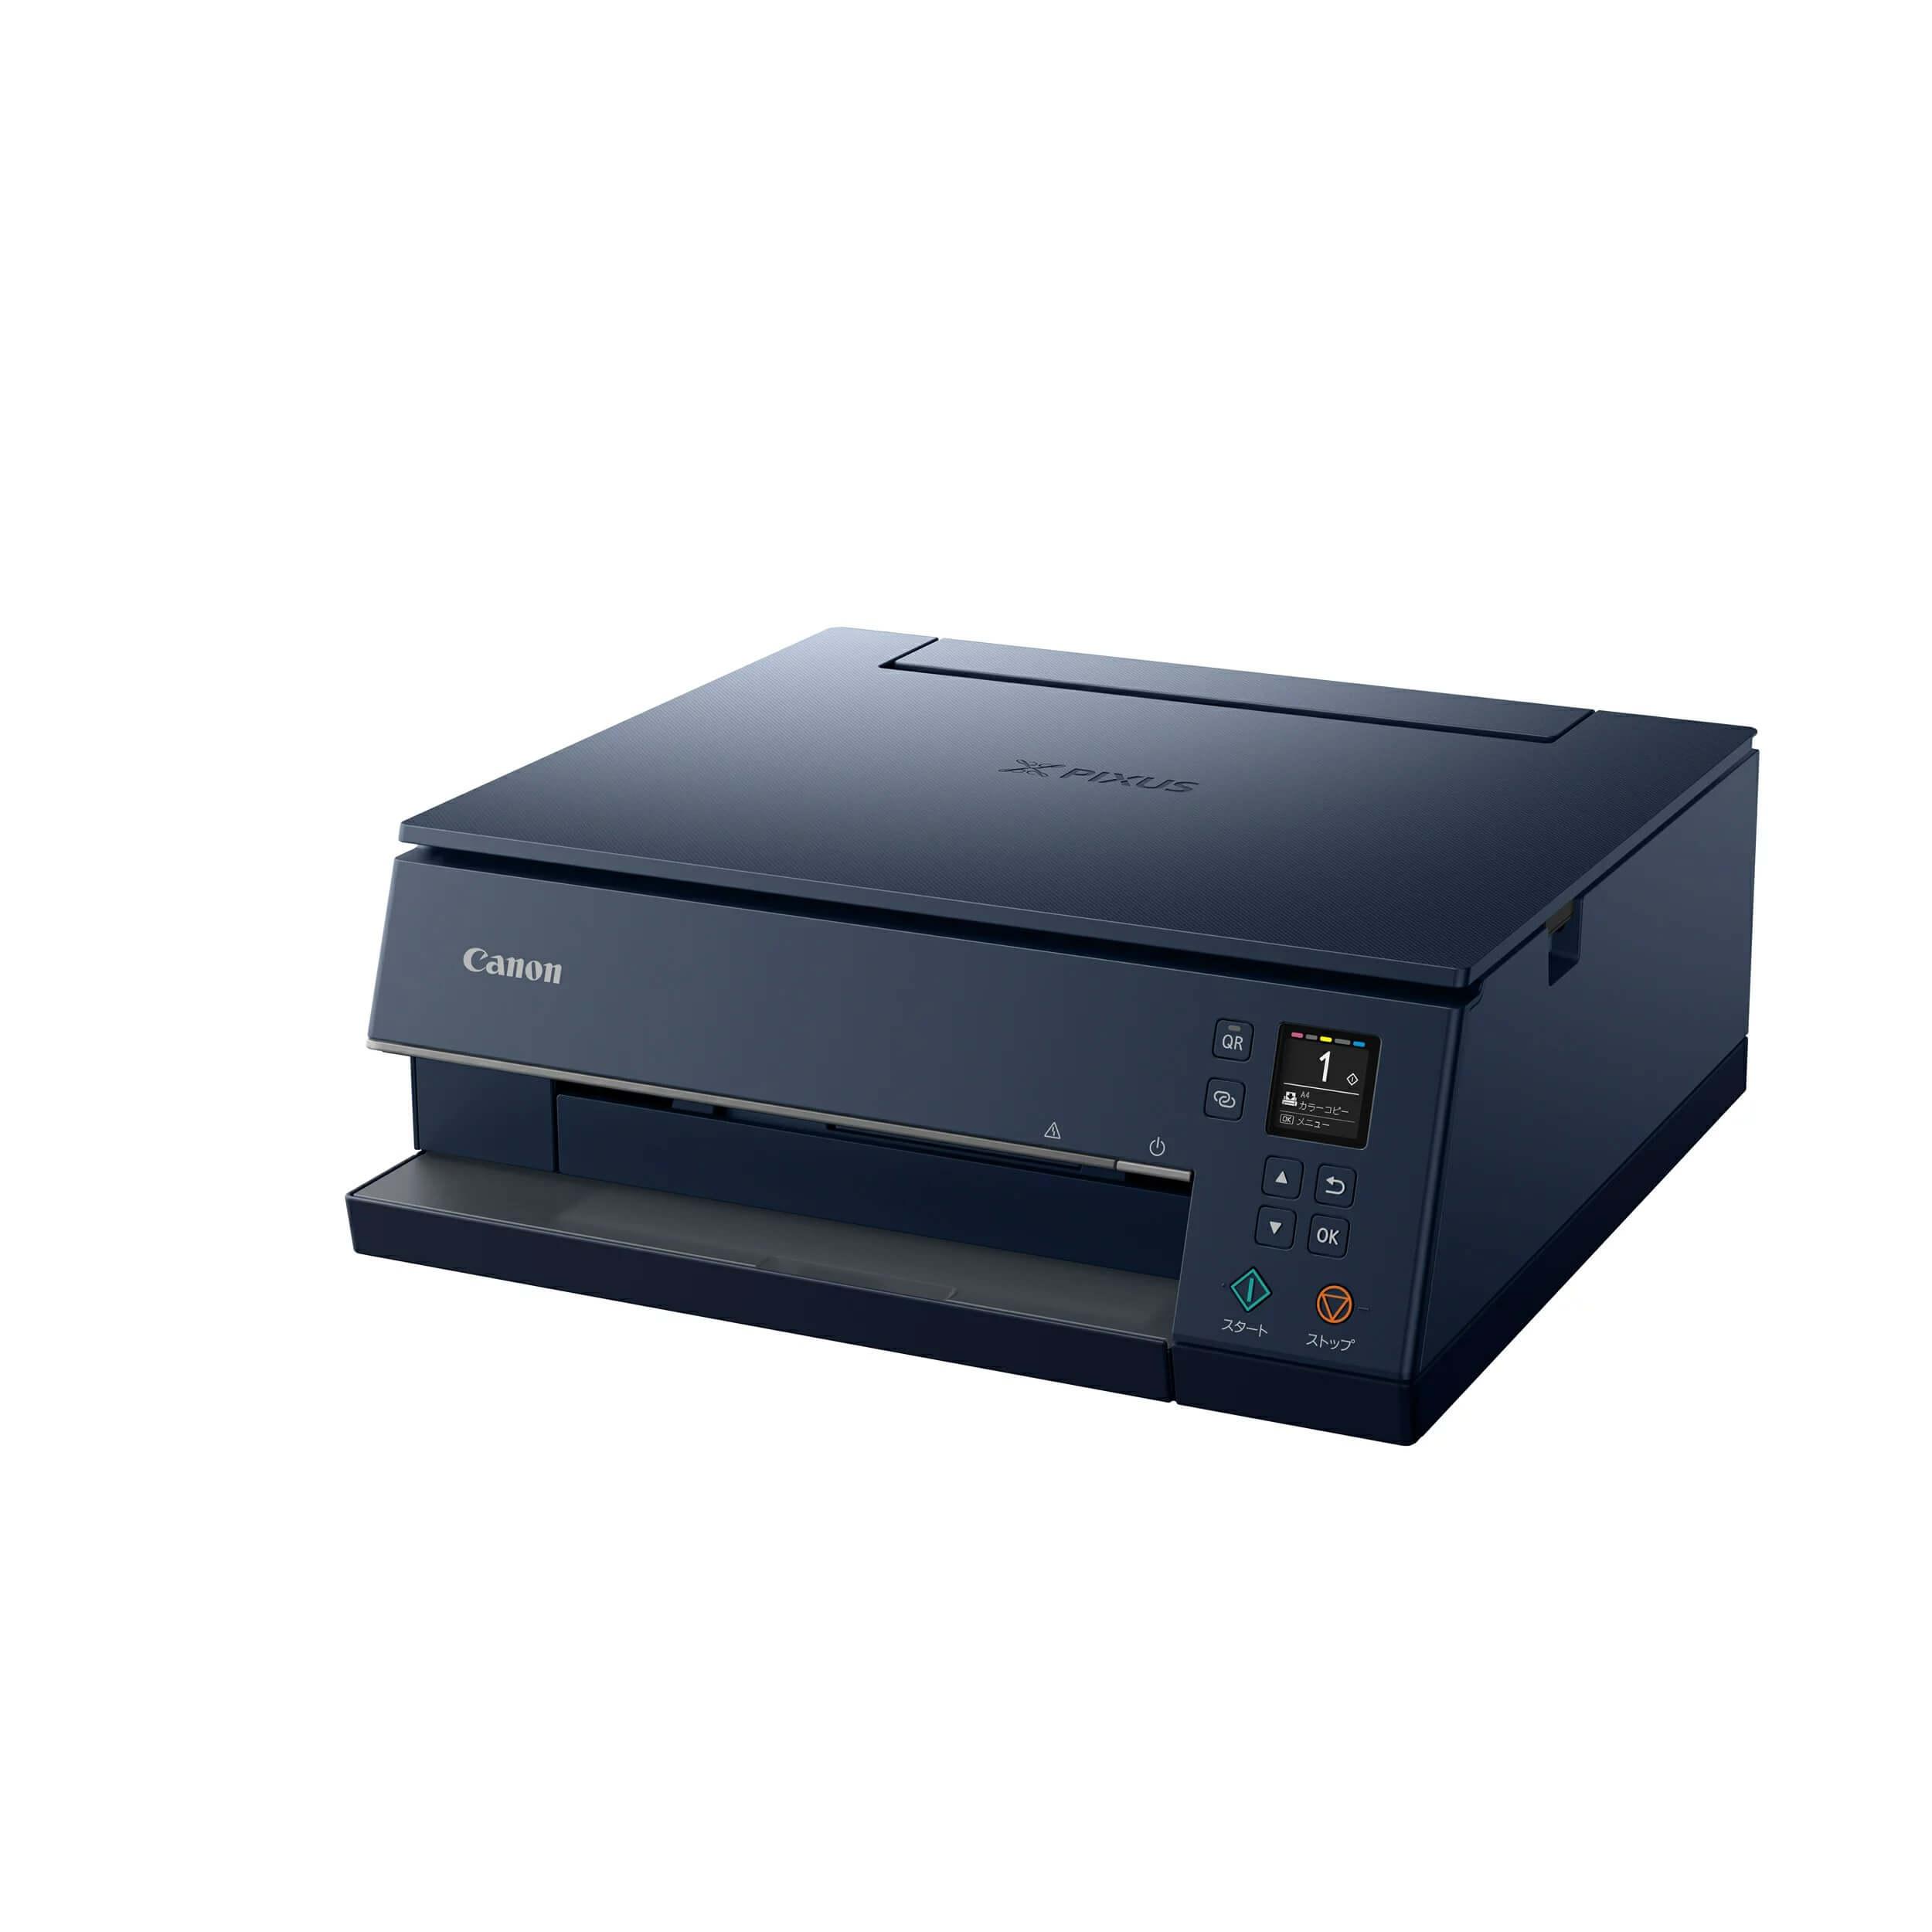 キヤノン インクジェット複合機 PIXUS TS7430(ネイビー) イメージ